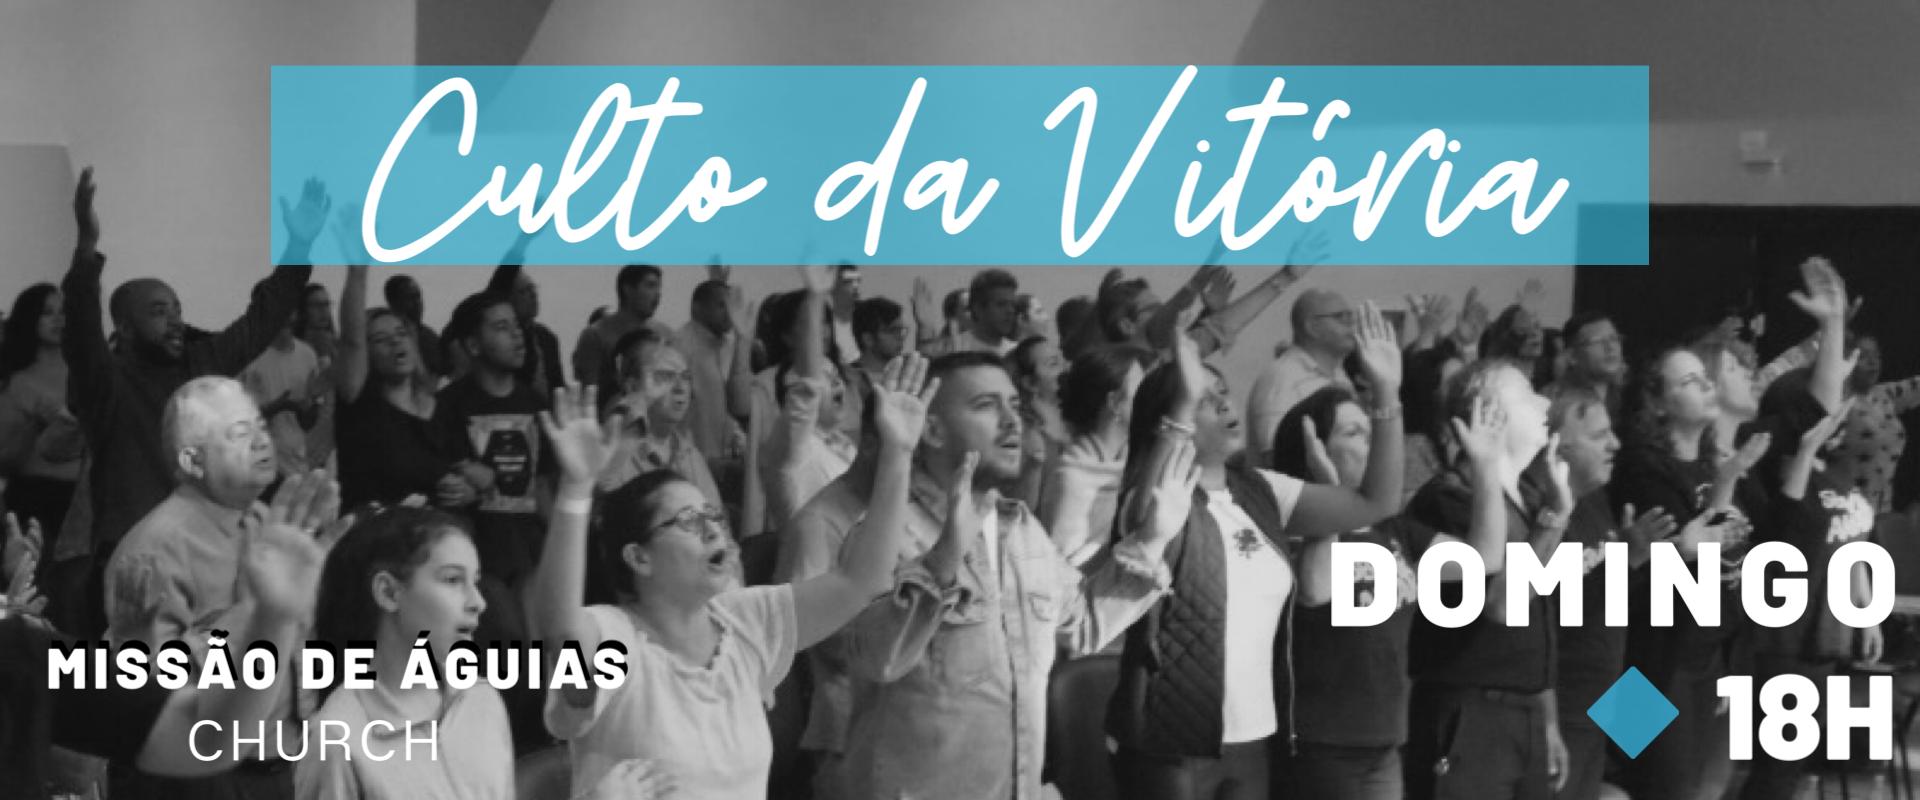 Culto da Vitória